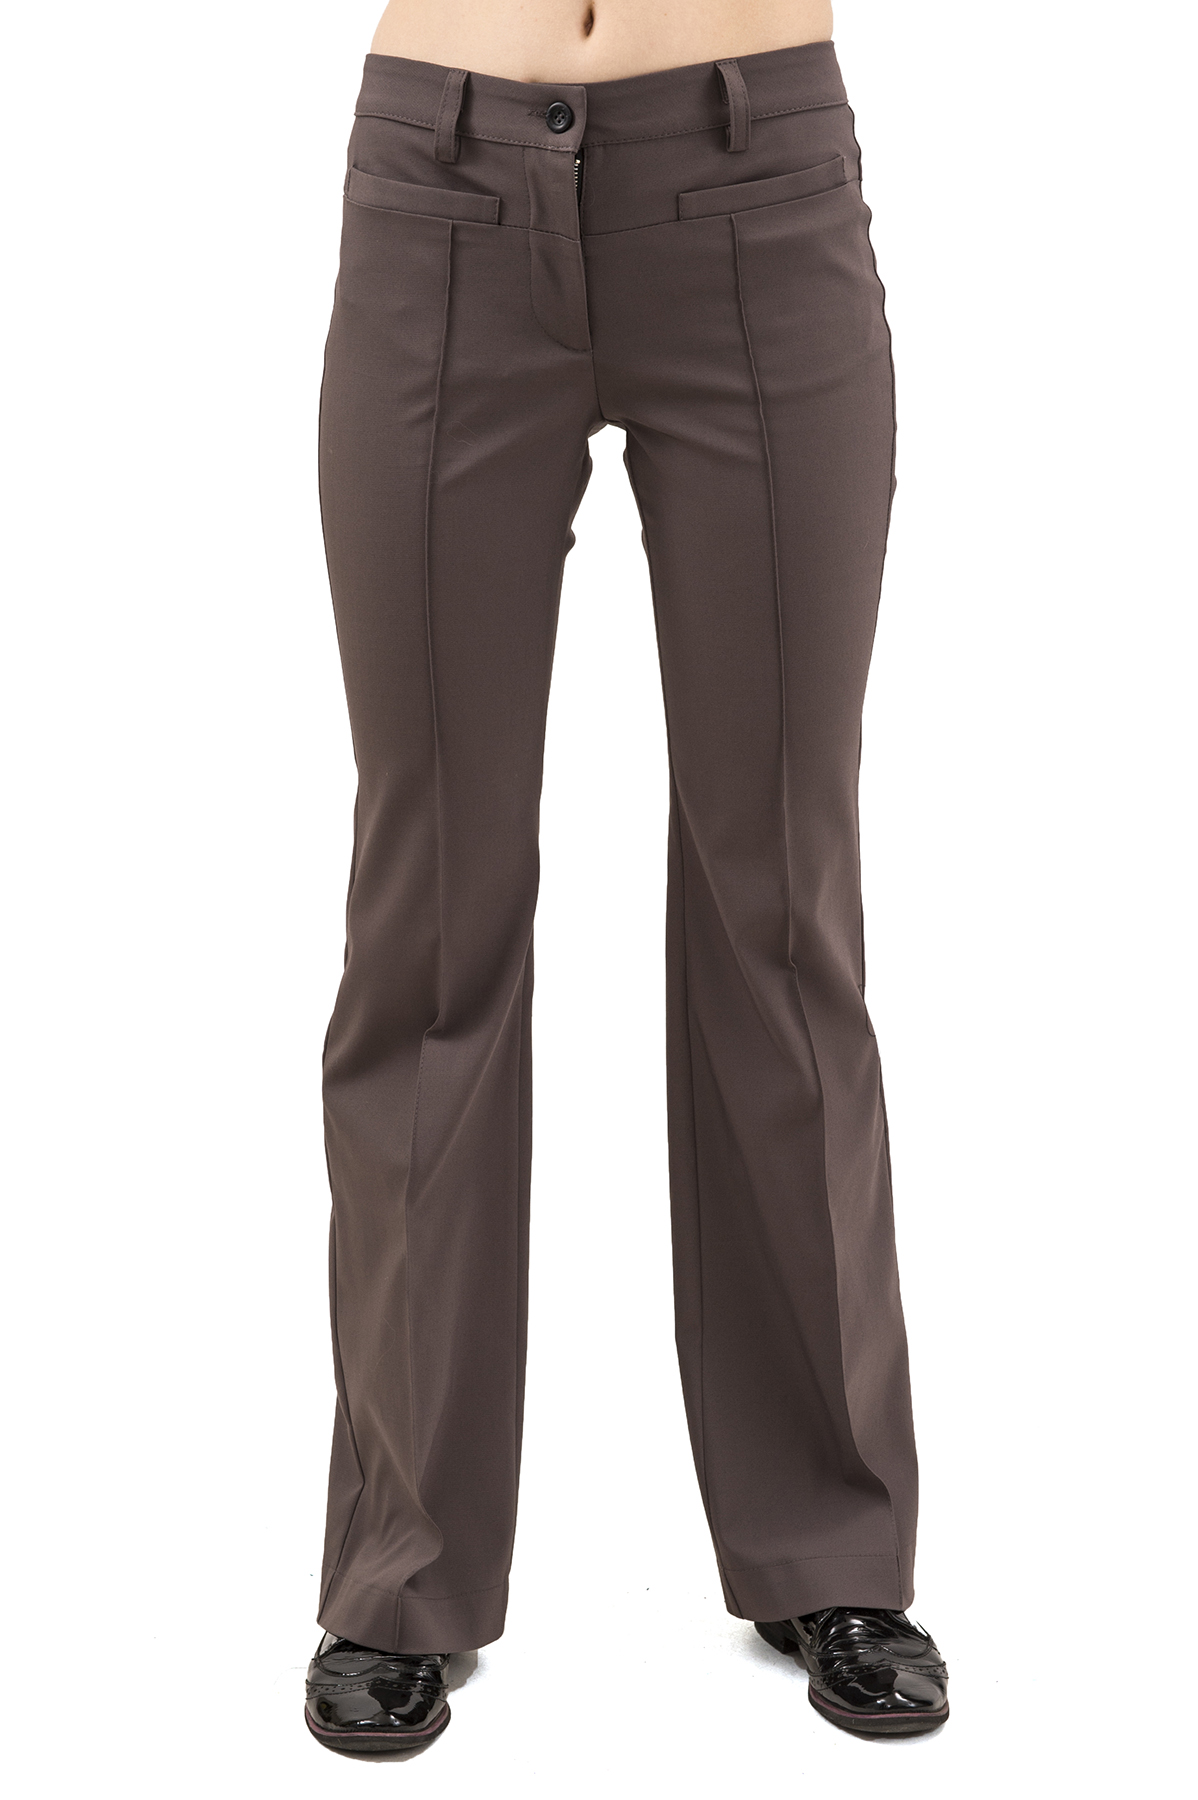 БрюкиЖенские юбки и брюки<br>Брюки – это всегда обворожительно и сексуально. Практичные, удобные, красивые и универсальные. Брюки – необходимый элемент женского гардероба, который позволит Вам выглядеть превосходно в любой ситуации.<br><br>Цвет: коричневый<br>Состав: 62% хлопок, 33% полиэстер, 5% эластан<br>Размер: 40,42,44,48,50<br>Страна дизайна: Россия<br>Страна производства: Россия